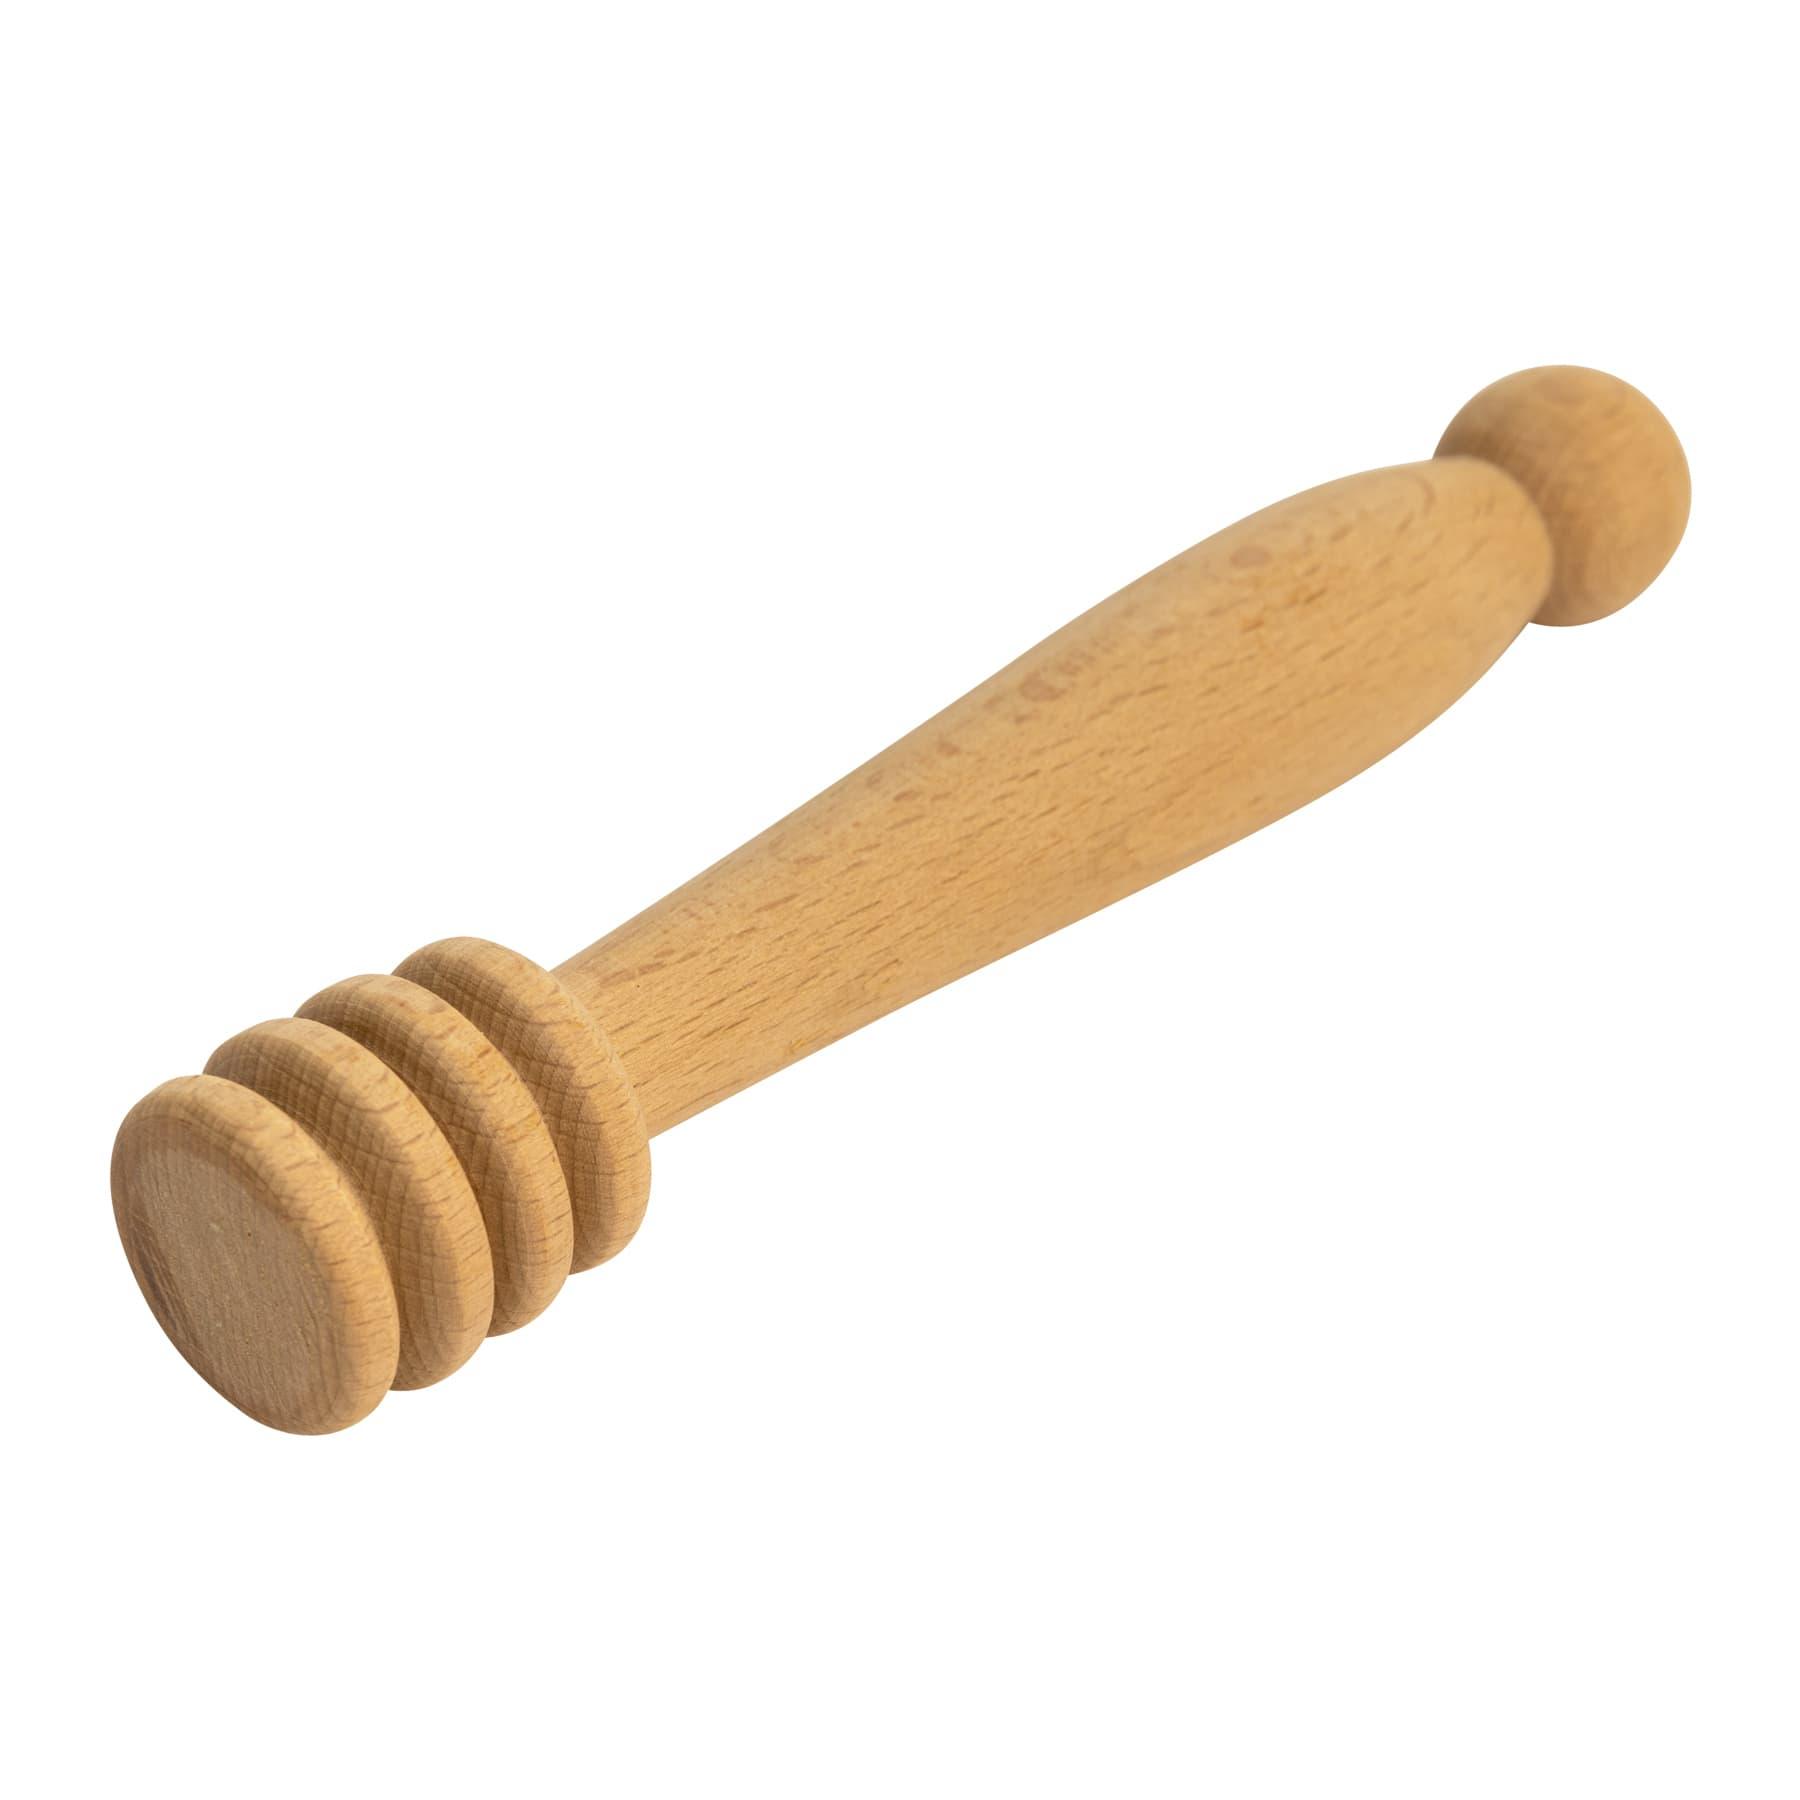 Honignehmer bzw. -löffel aus Holz gedrechselt